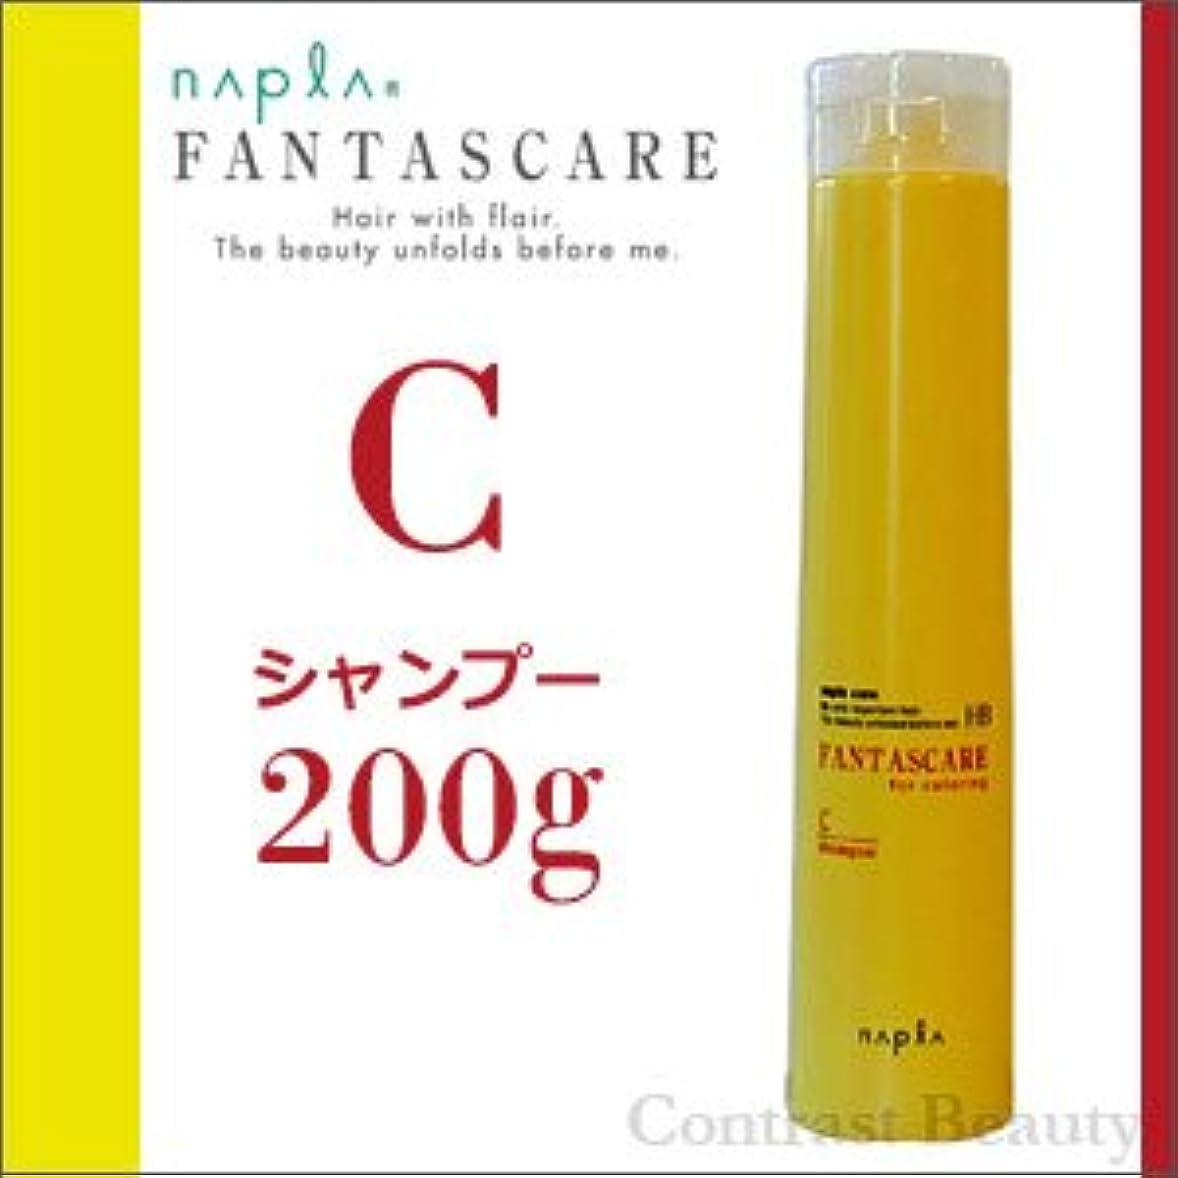 慢性的出発する不和【X3個セット】 ナプラ ファンタスケア Cシャンプー 200g napla